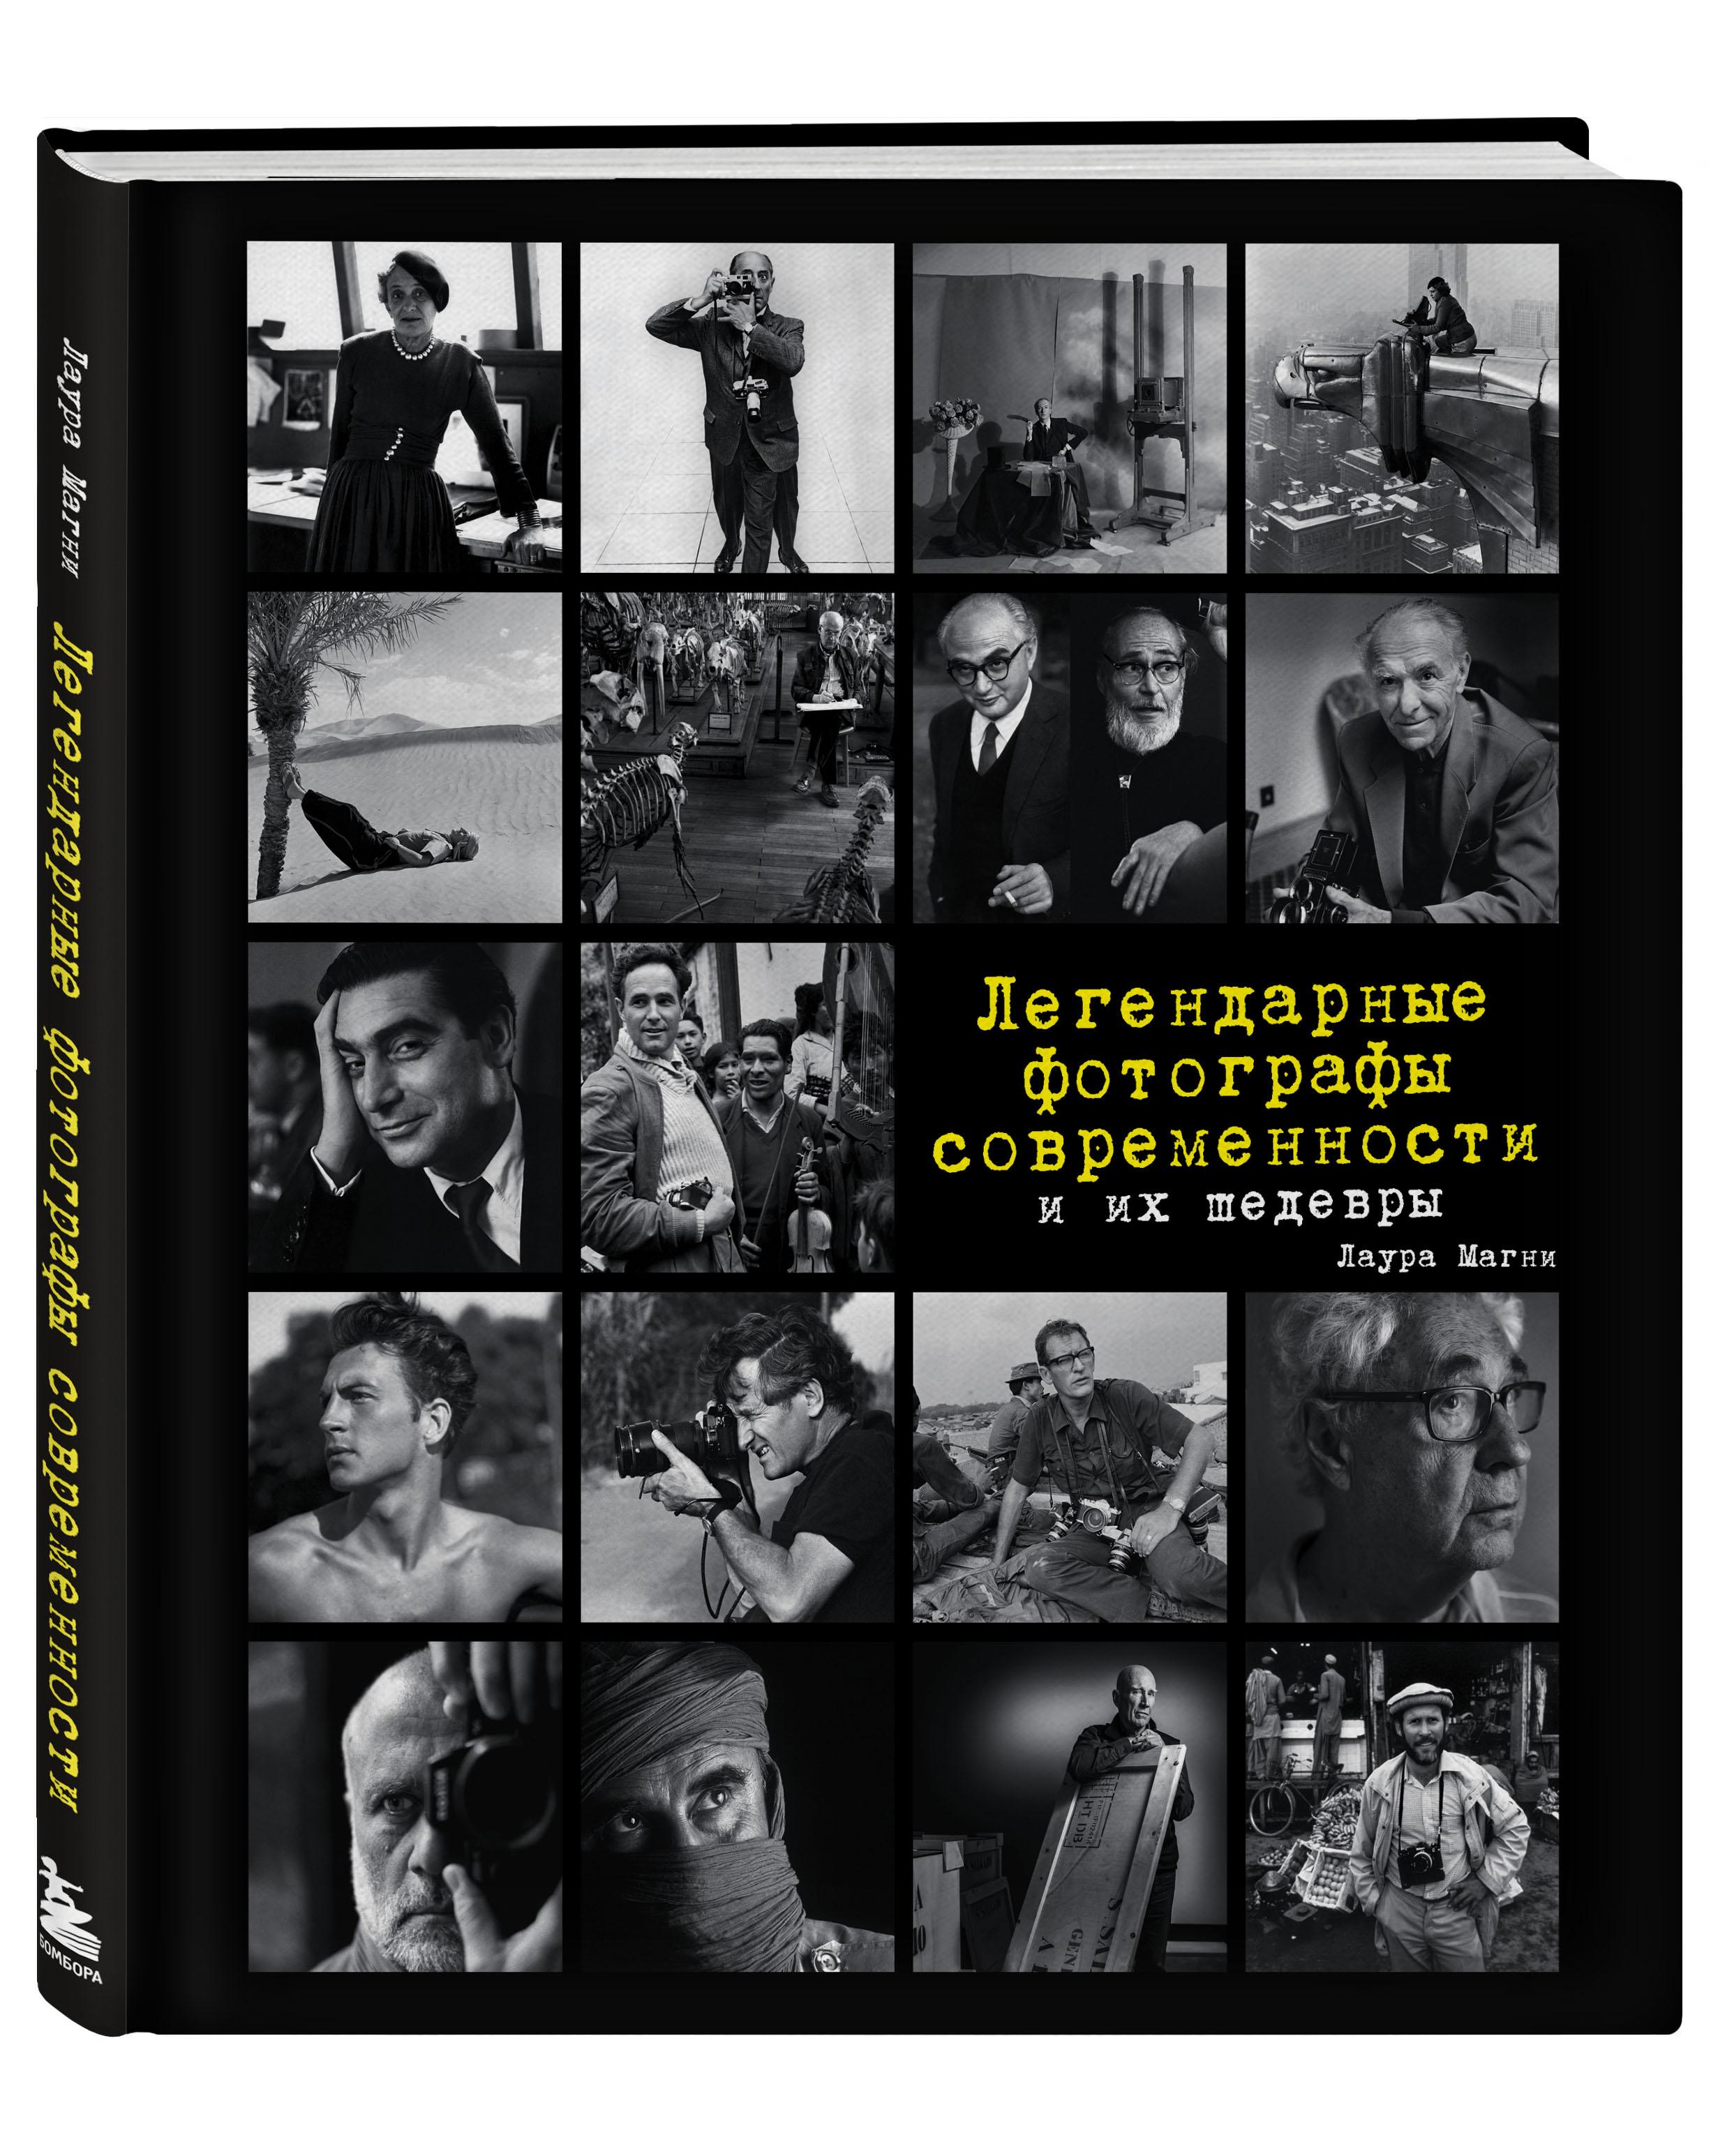 Магни Лаура Легендарные фотографы современности и их шедевры